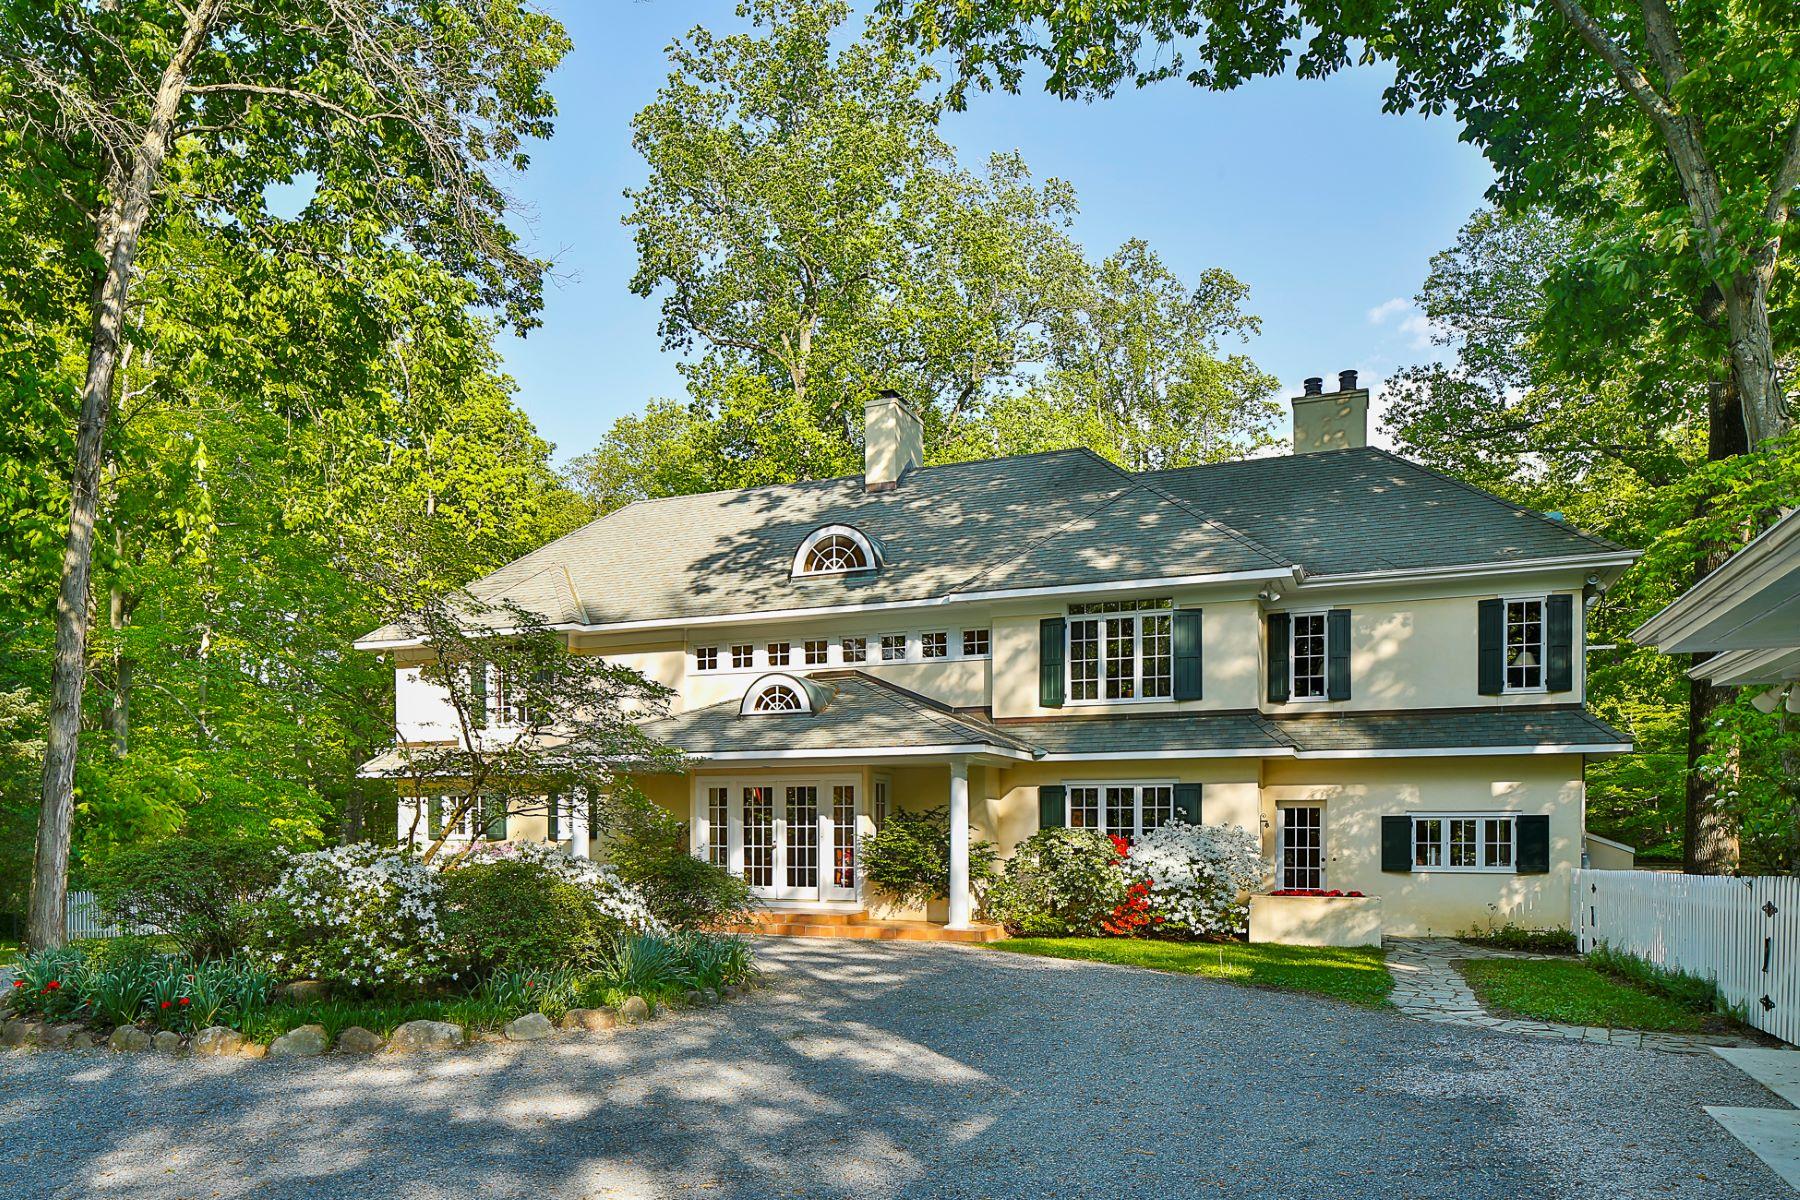 Einfamilienhaus für Verkauf beim Pretty As An English Postcard 188 Cherry Valley Road Princeton, New Jersey, 08540 Vereinigte Staaten